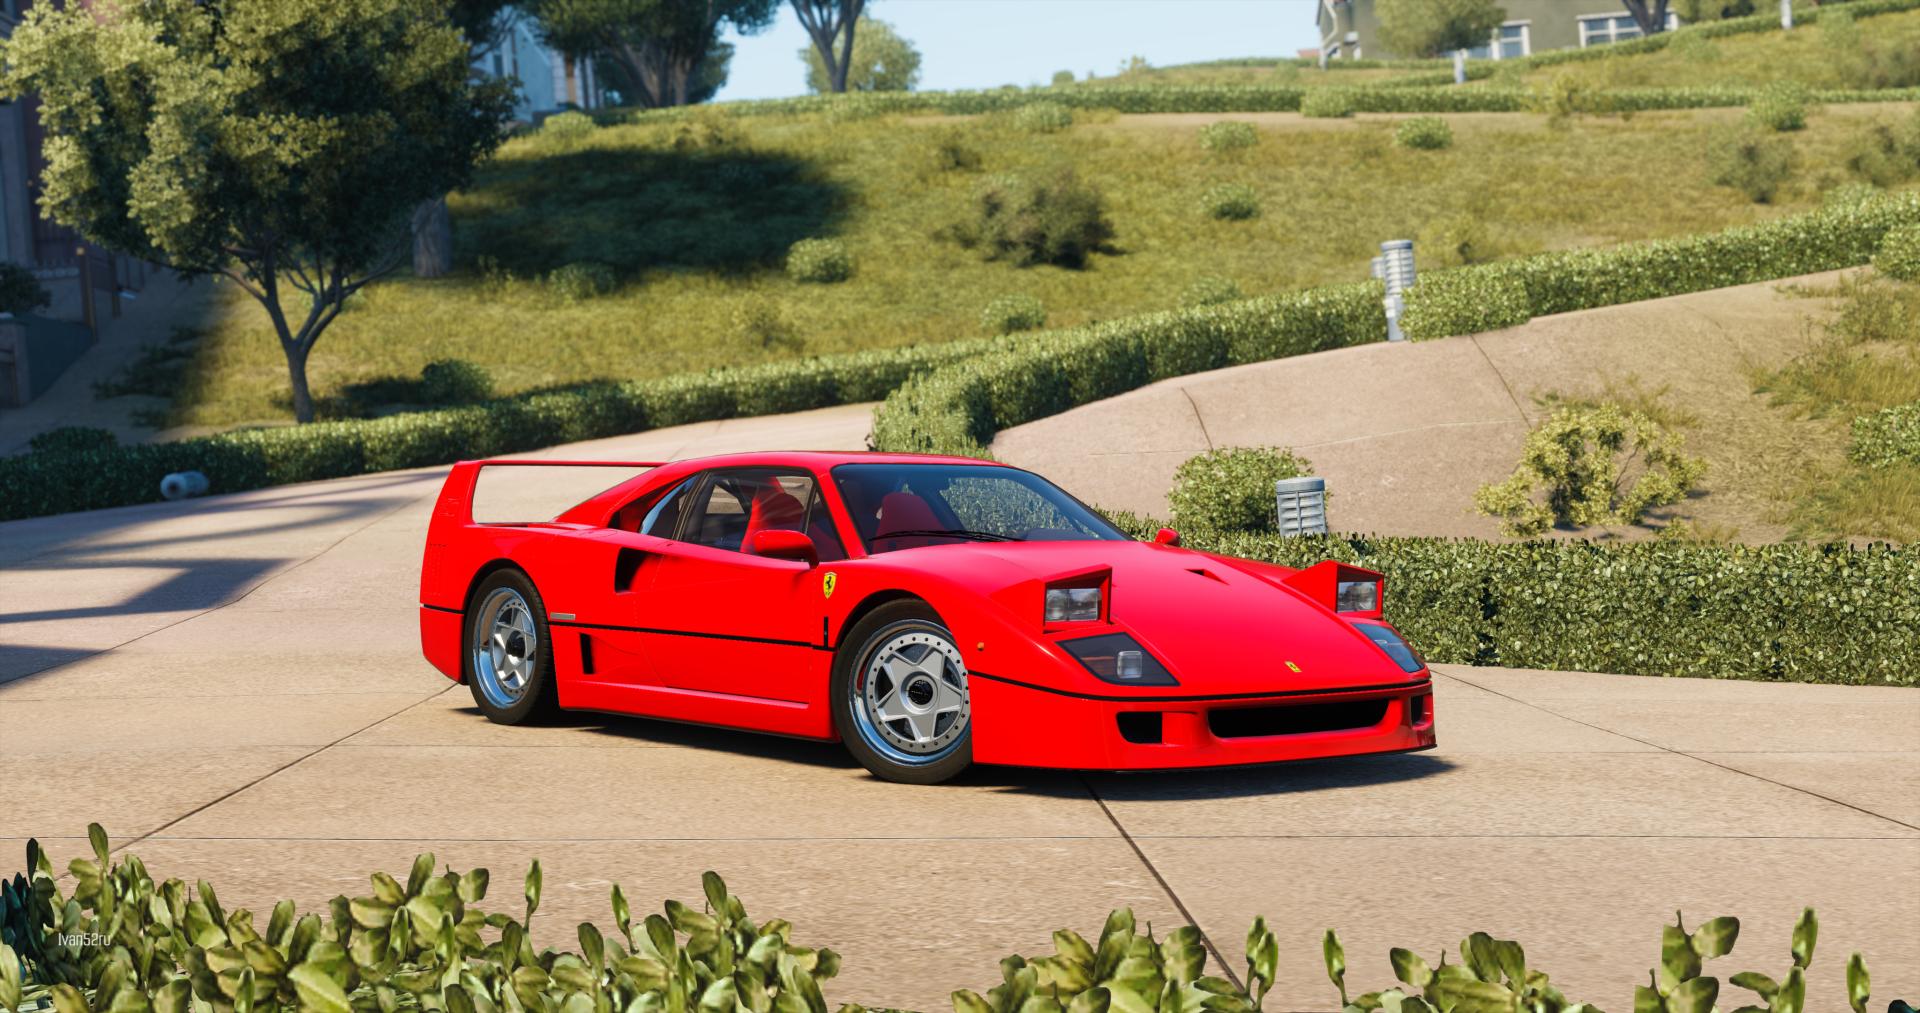 Ferrari F40 Wallpaper 4K